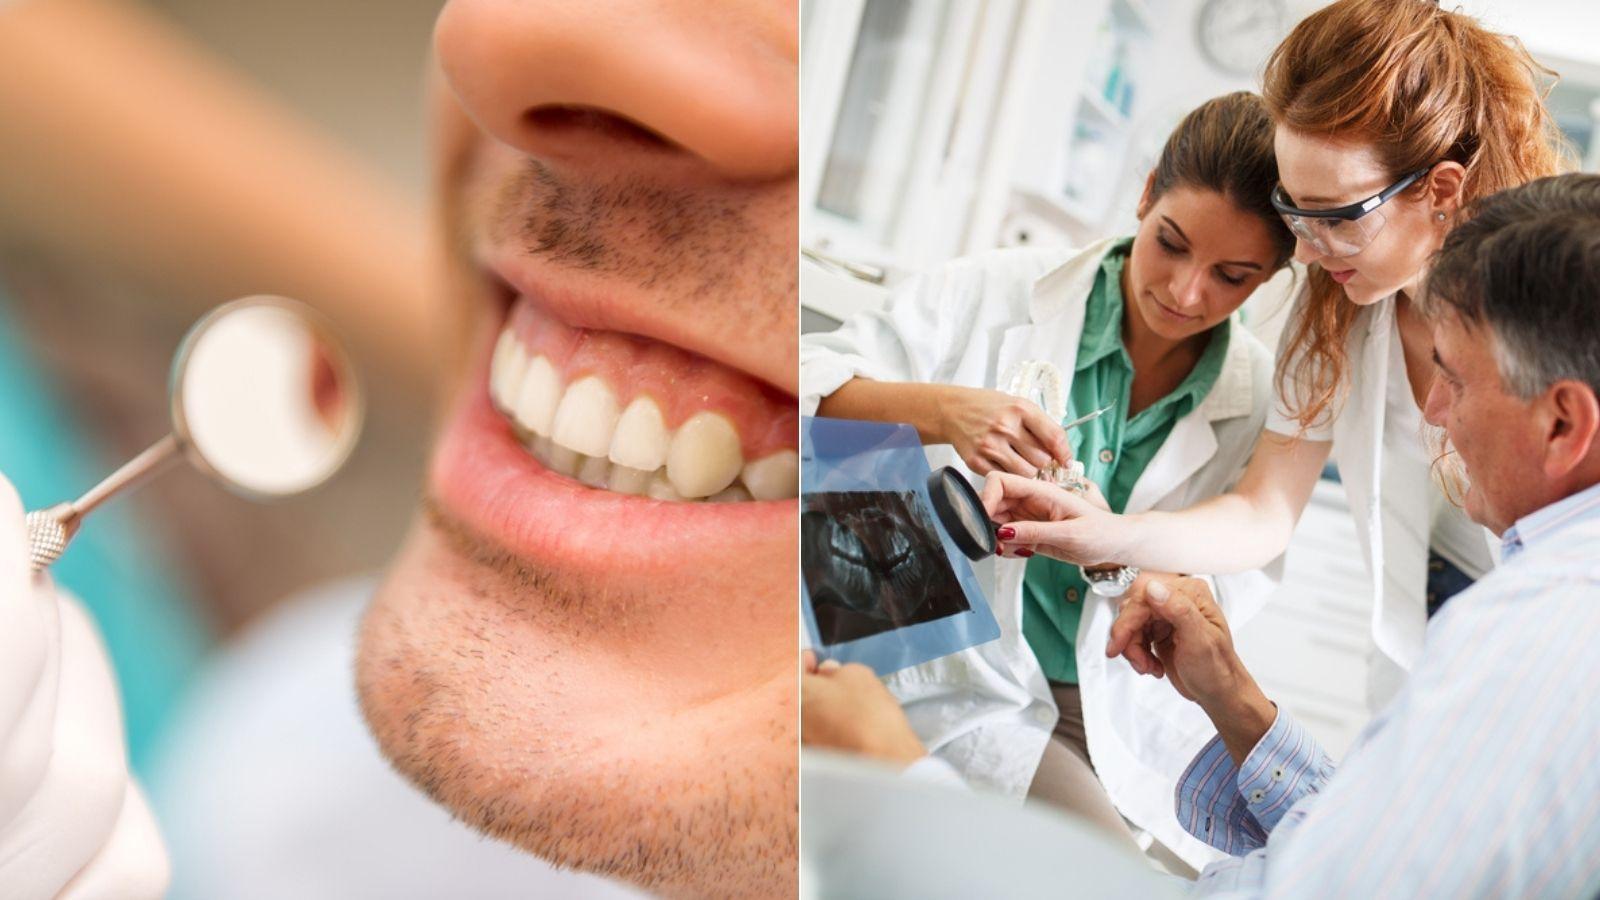 Tânărul care avea 82 de dinți. Medicilor nu le-a venit să creadă ce au descoperit când a deschis gura